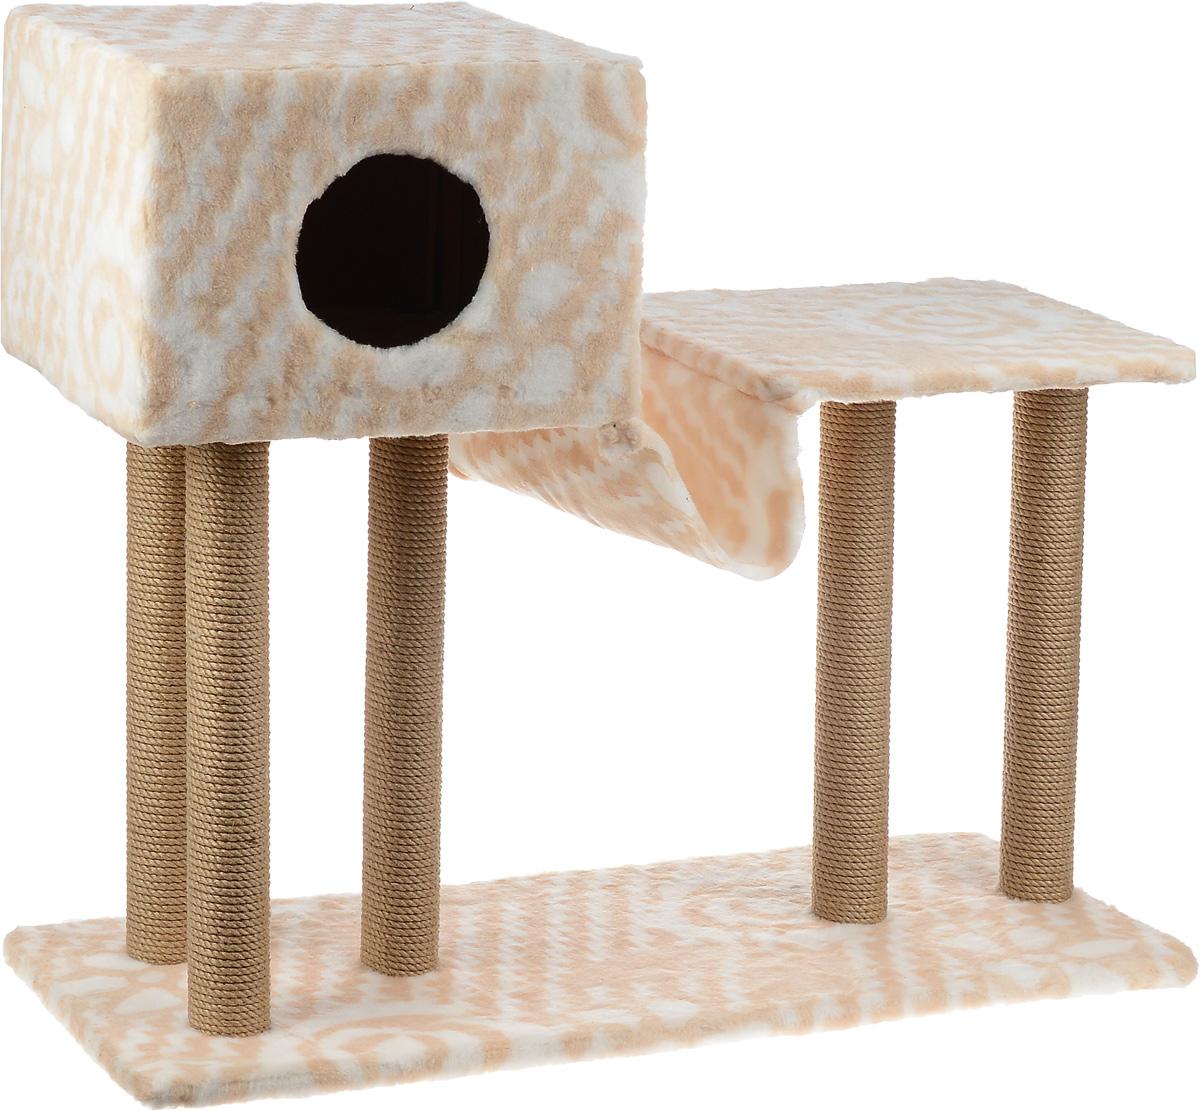 Игровой комплекс для кошек Меридиан, с домиком и гамаком, цвет: белый, бежевый, 90 х 40 х 1080 смД126 ЦвИгровой комплекс для кошек Меридиан выполнен из высококачественного ДВП и ДСП и обтянут искусственным мехом. Изделие предназначено для кошек. Ваш домашний питомец будет с удовольствием точить когти о специальные столбики, изготовленные из джута. А отдохнуть он сможет в домике, на полках или в удобном гамаке.Общий размер: 90 х 40 х 80 см.Размер основания: 90 х 40 см.Высота полки: 53 см.Размер домика: 40 х 40 х 28 см.Размер полки: 39 х 39 см.